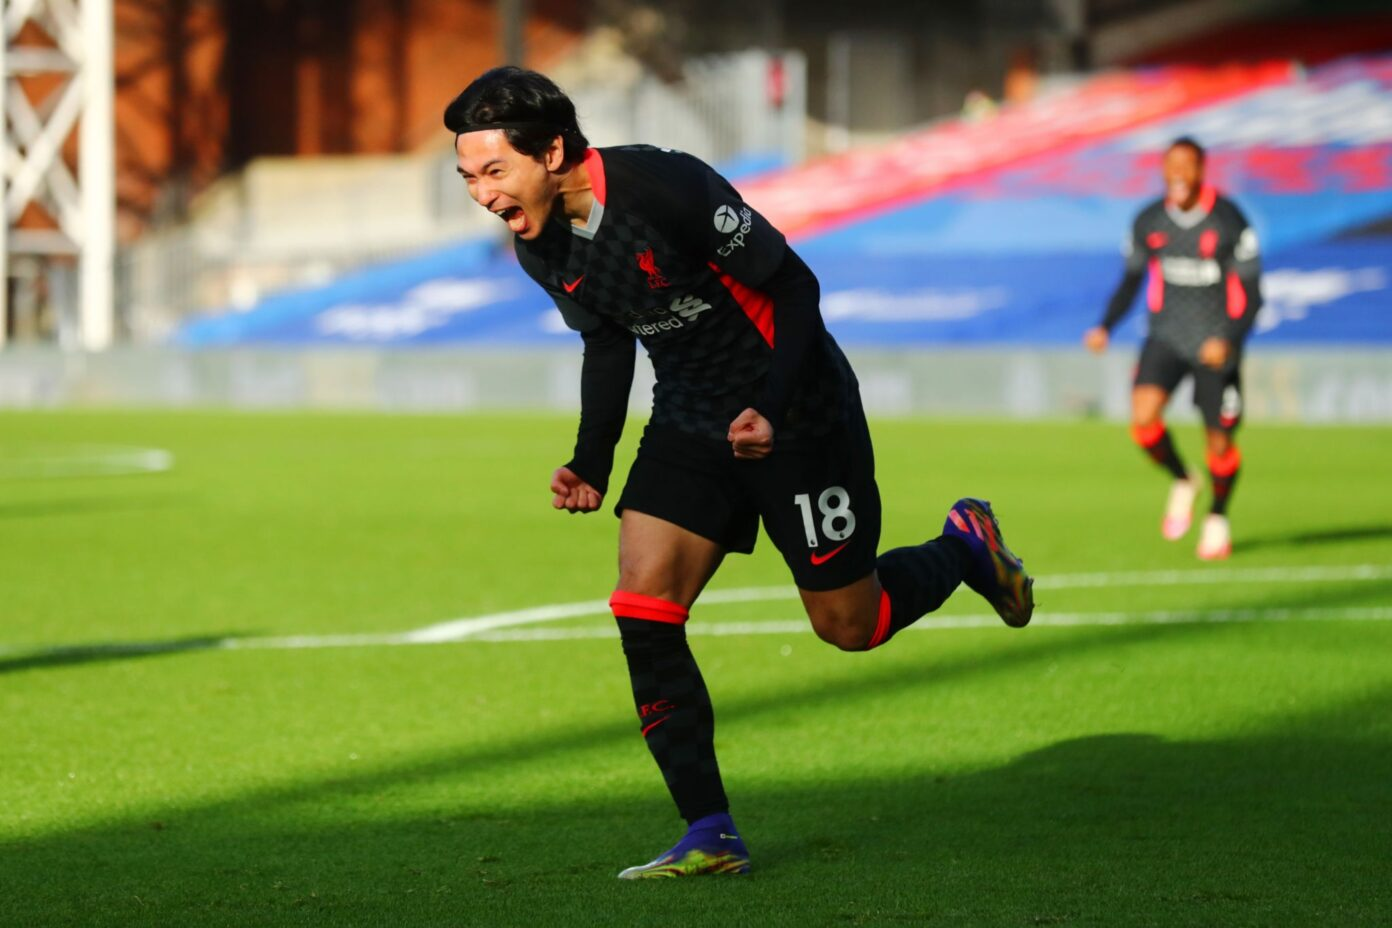 Takumi-Minamino-Goal-vs-Crystal-Palace-scaled